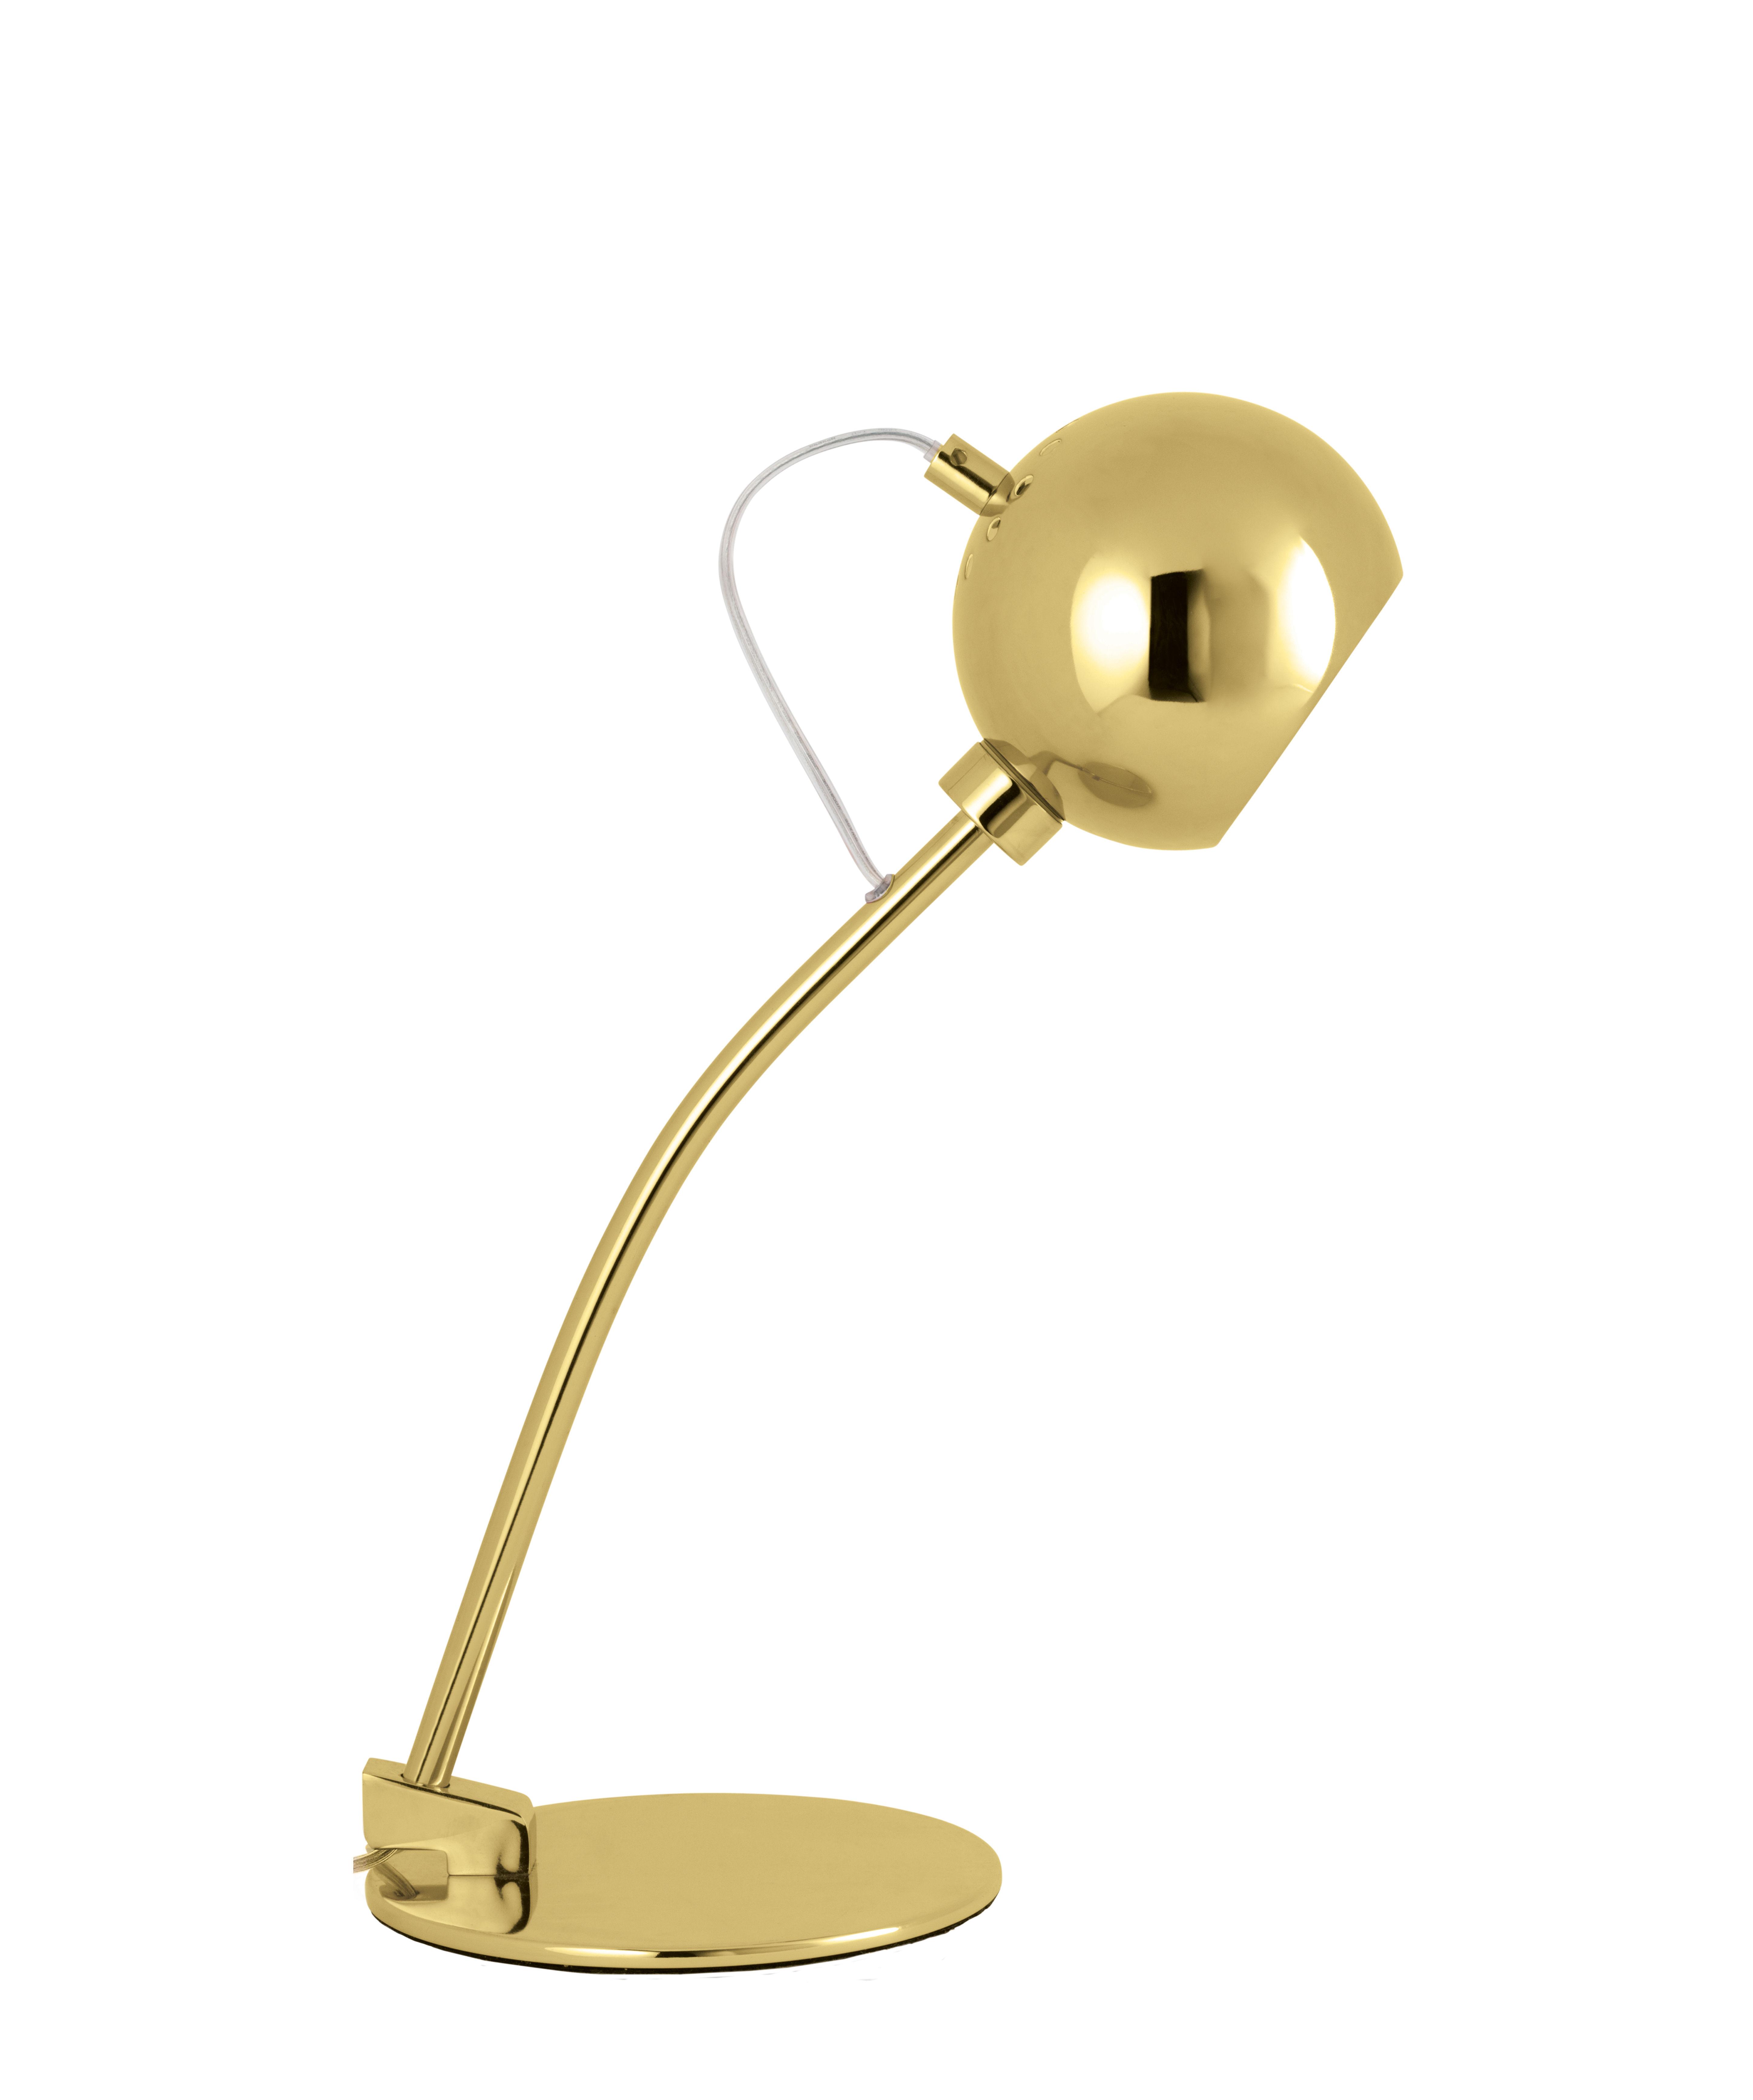 Luminaire - Lampes de table - Lampe de table Ball E14 / H 45 cm - Frandsen - Laiton glossy - Métal peint